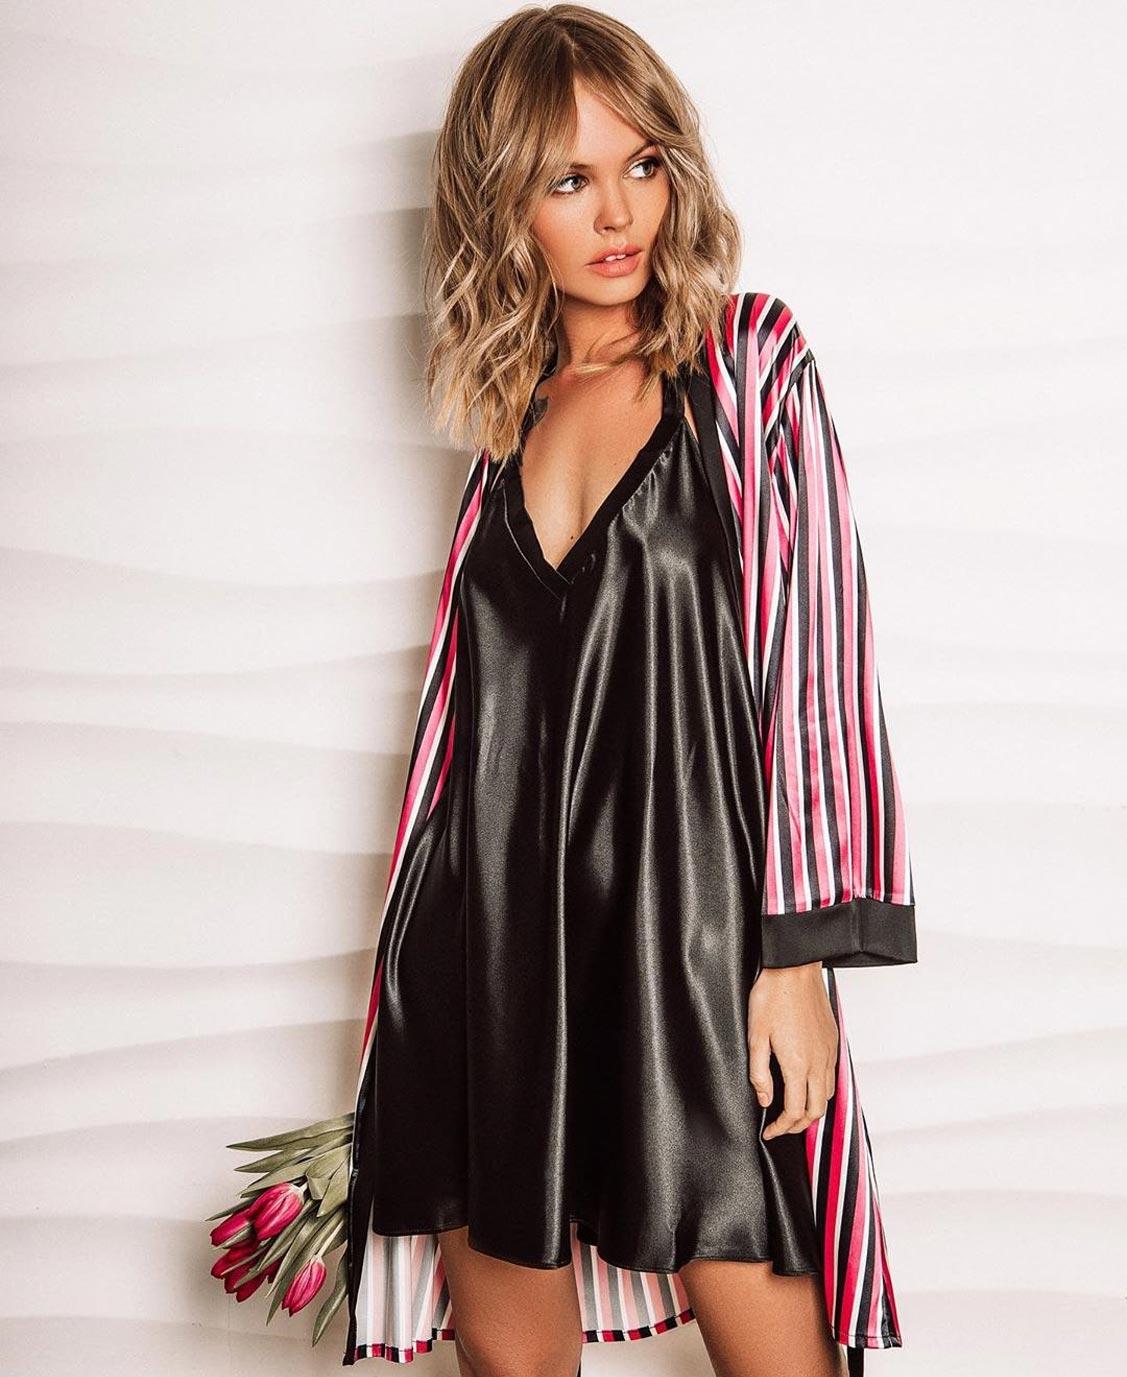 Анастасия Щеглова в нижнем белье торговой марки MissX / фото 08